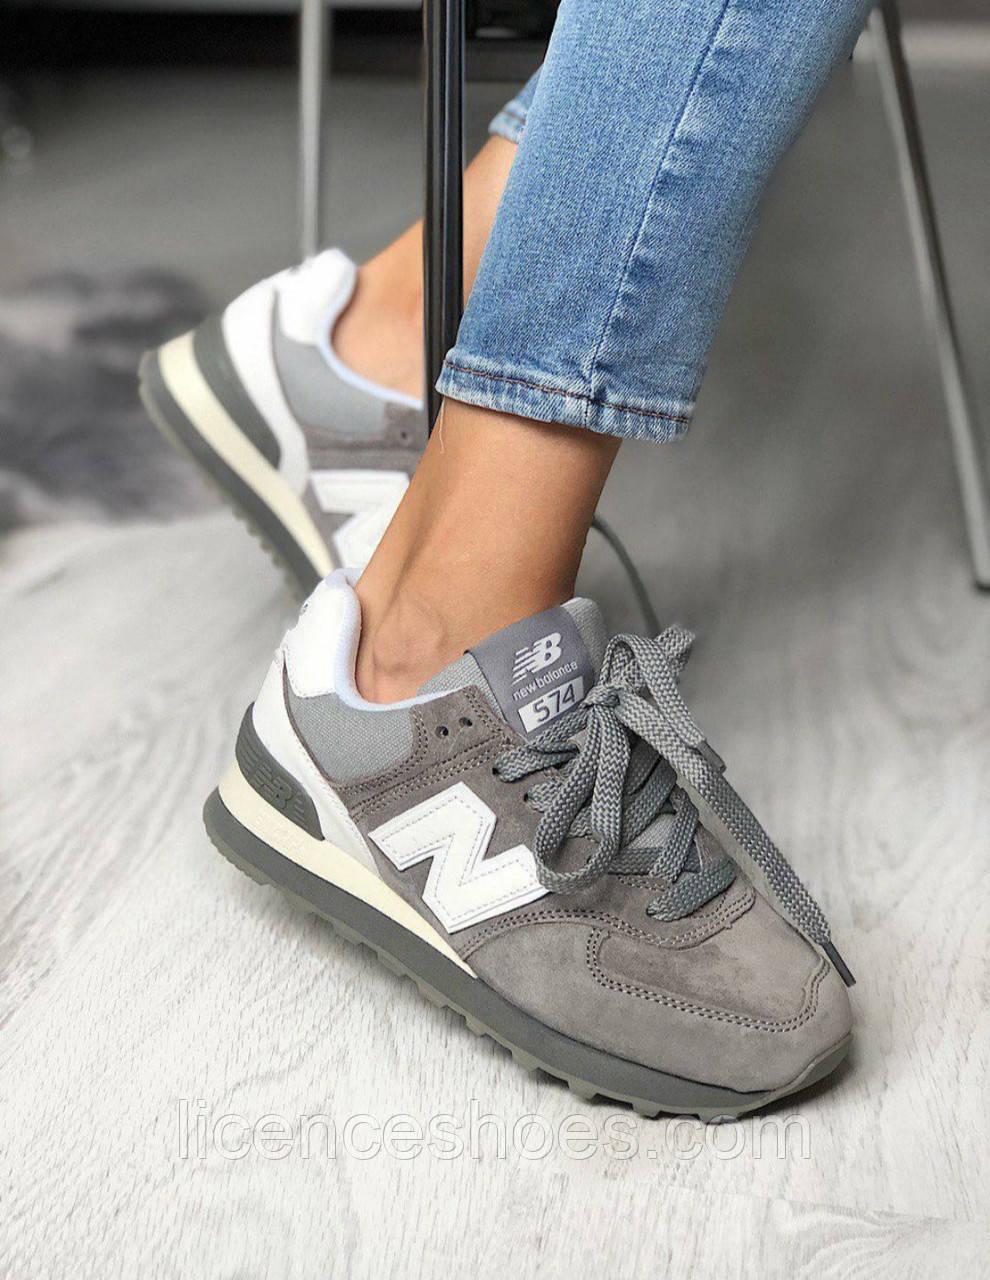 Жіночі кросівки New Balance 574 Dark Grey / White